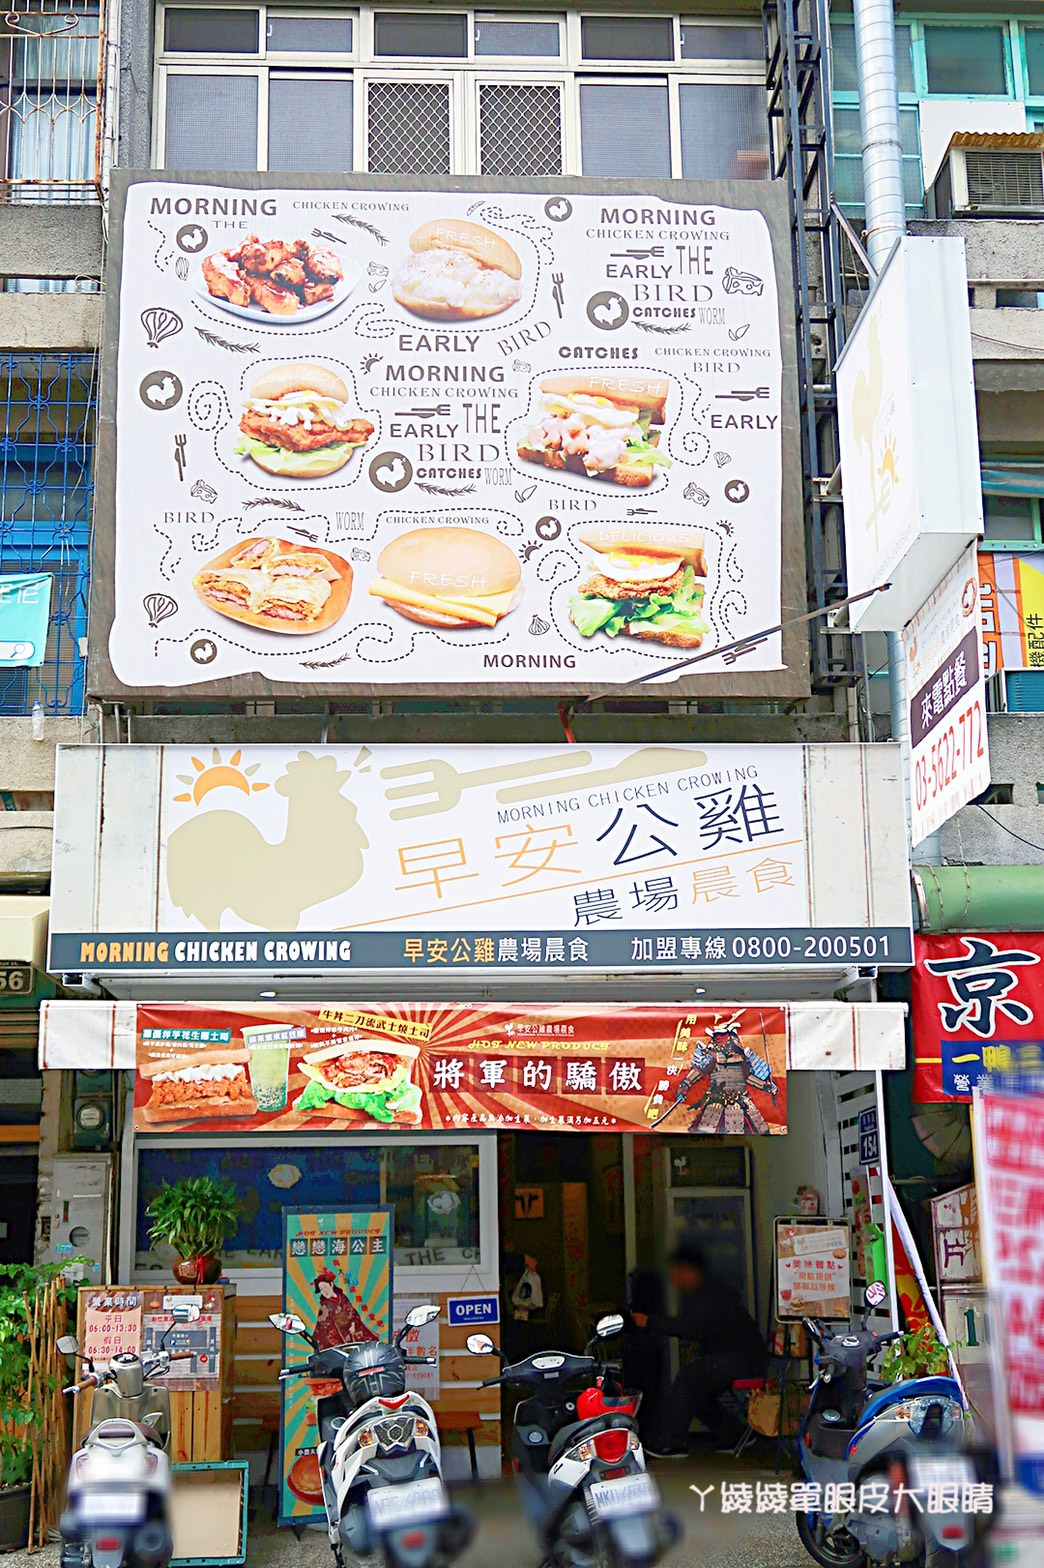 新竹早餐推薦早安公雞農場晨食!東南街霸氣又美味的槍客牛仔雞腿排老麵堡